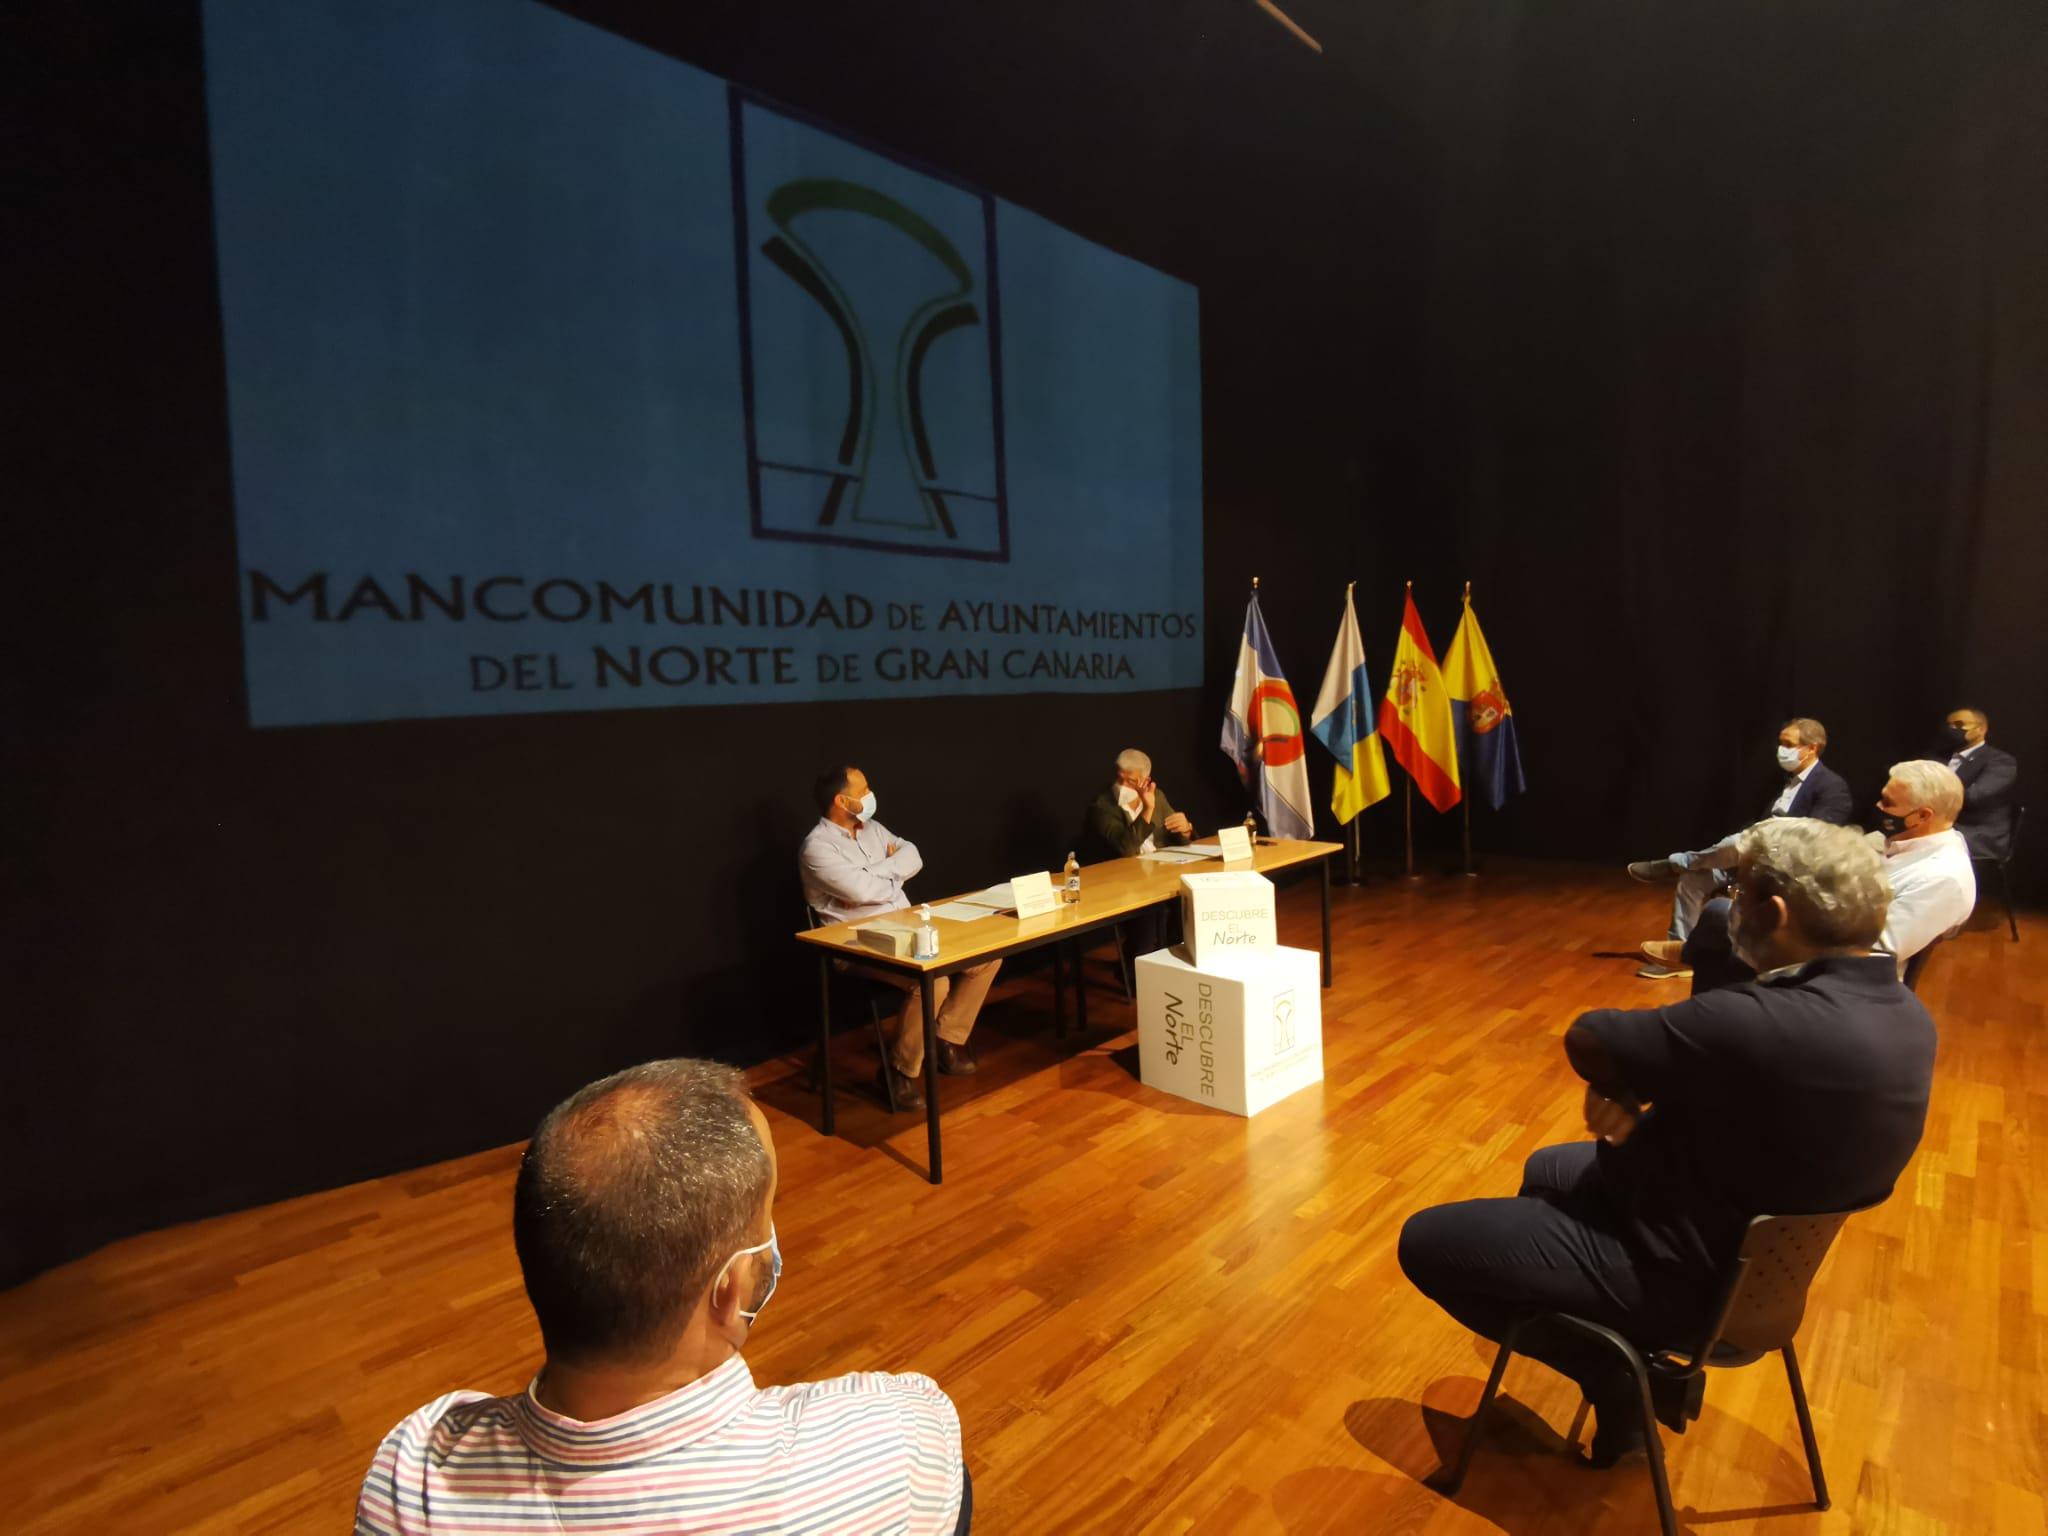 Turismo impulsa con la Mancomunidad de Ayuntamientos del Norte de Gran Canaria el Camino de Santiago Entre Volcanes